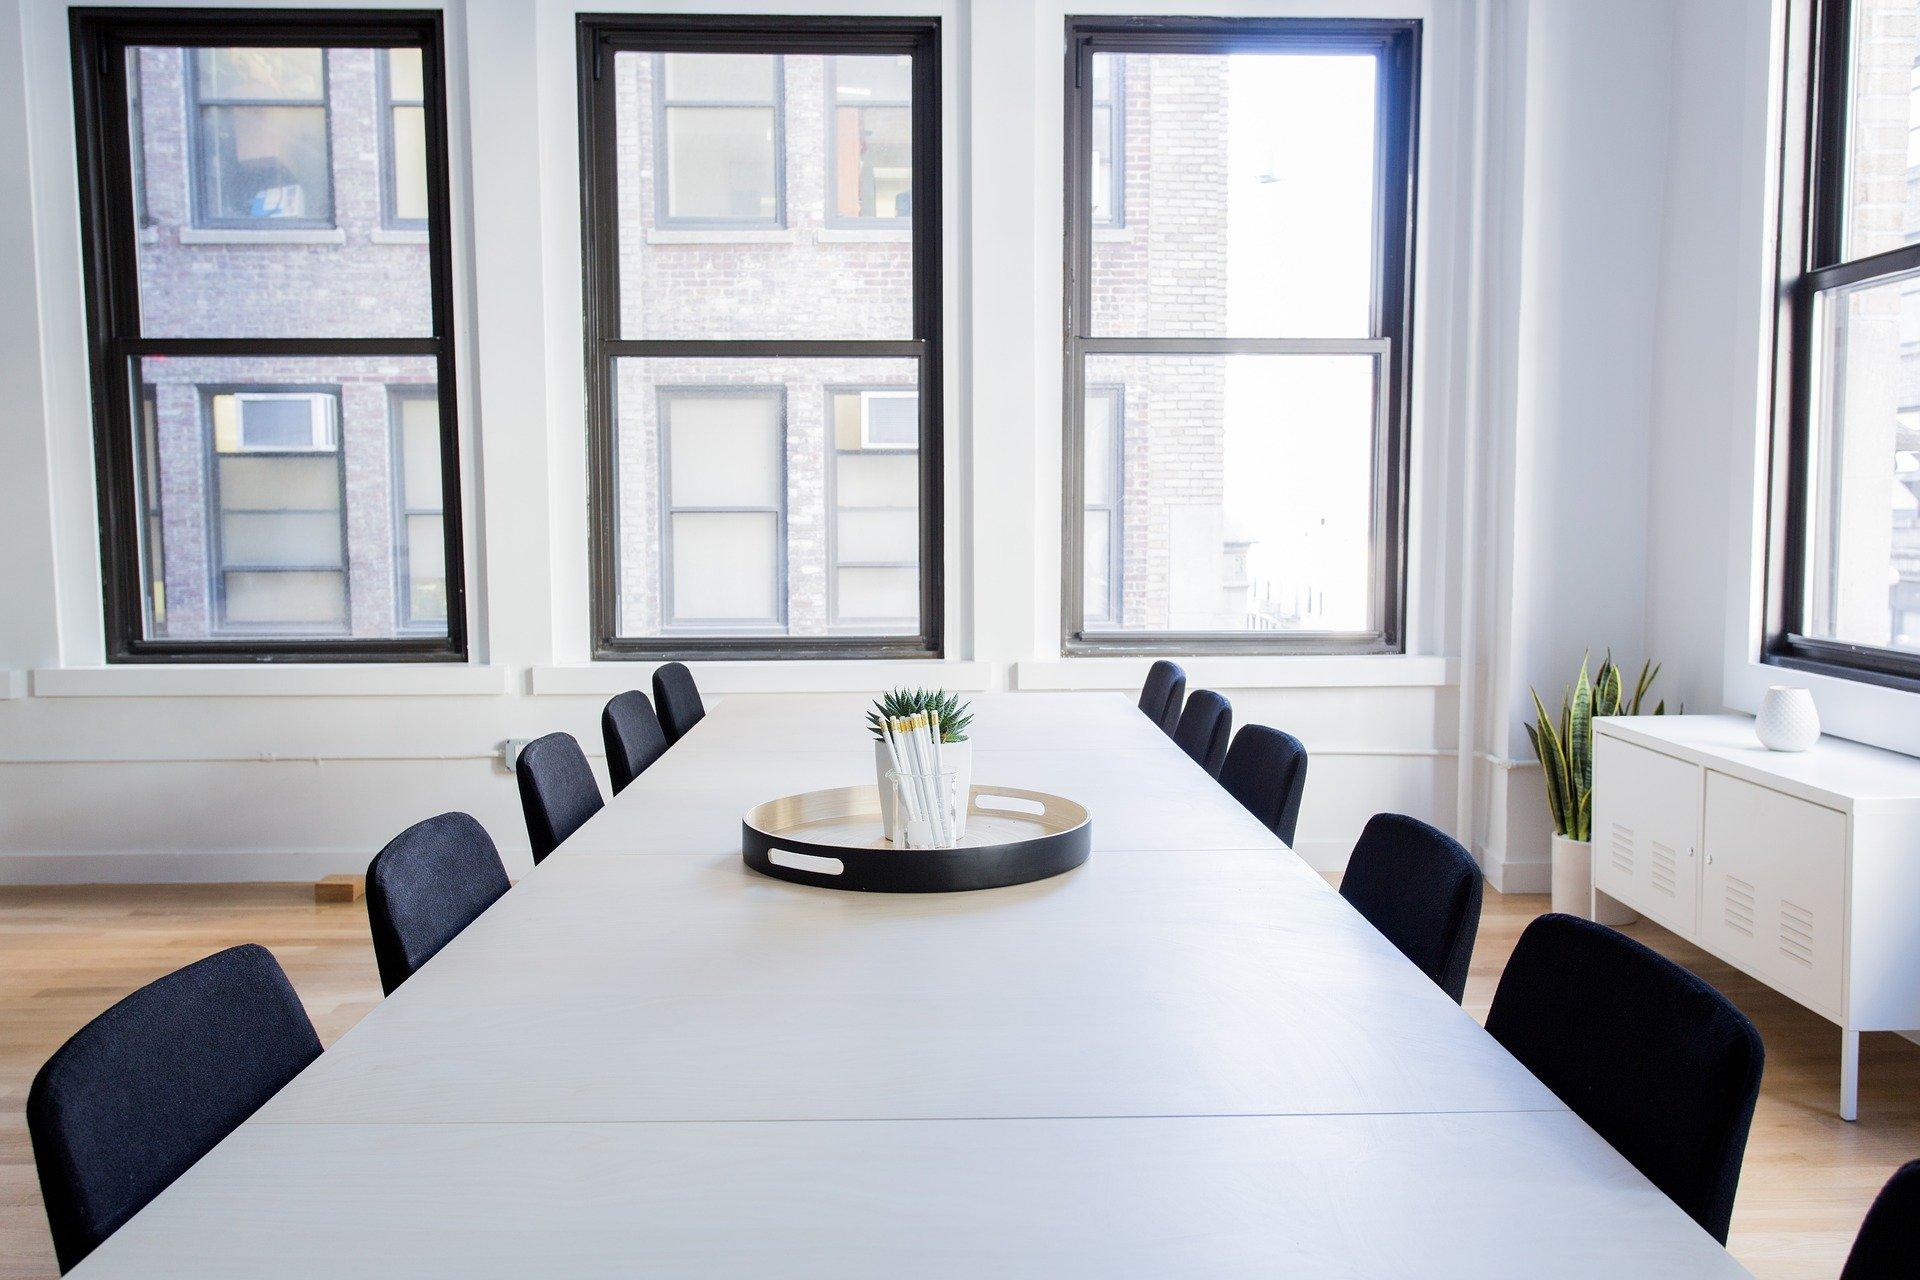 派遣会社経由で期間工に応募する際の面接の流れ